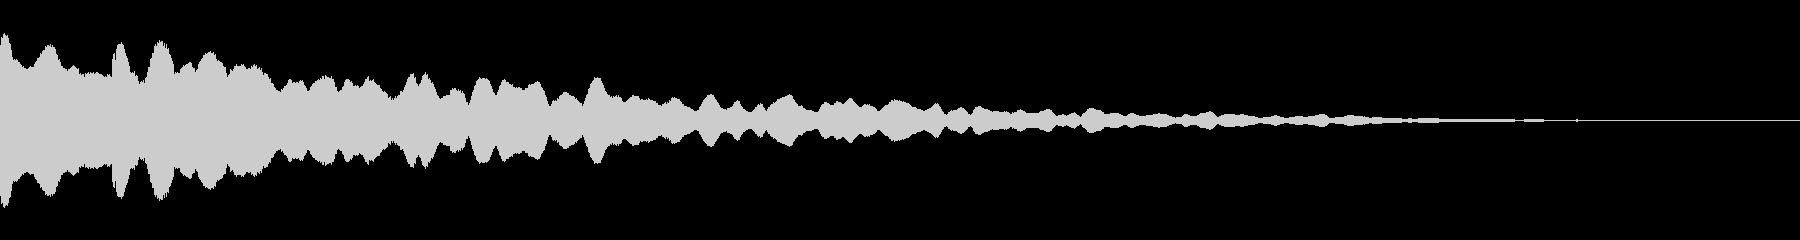 カーン(緊張感のあるベルの音)の未再生の波形